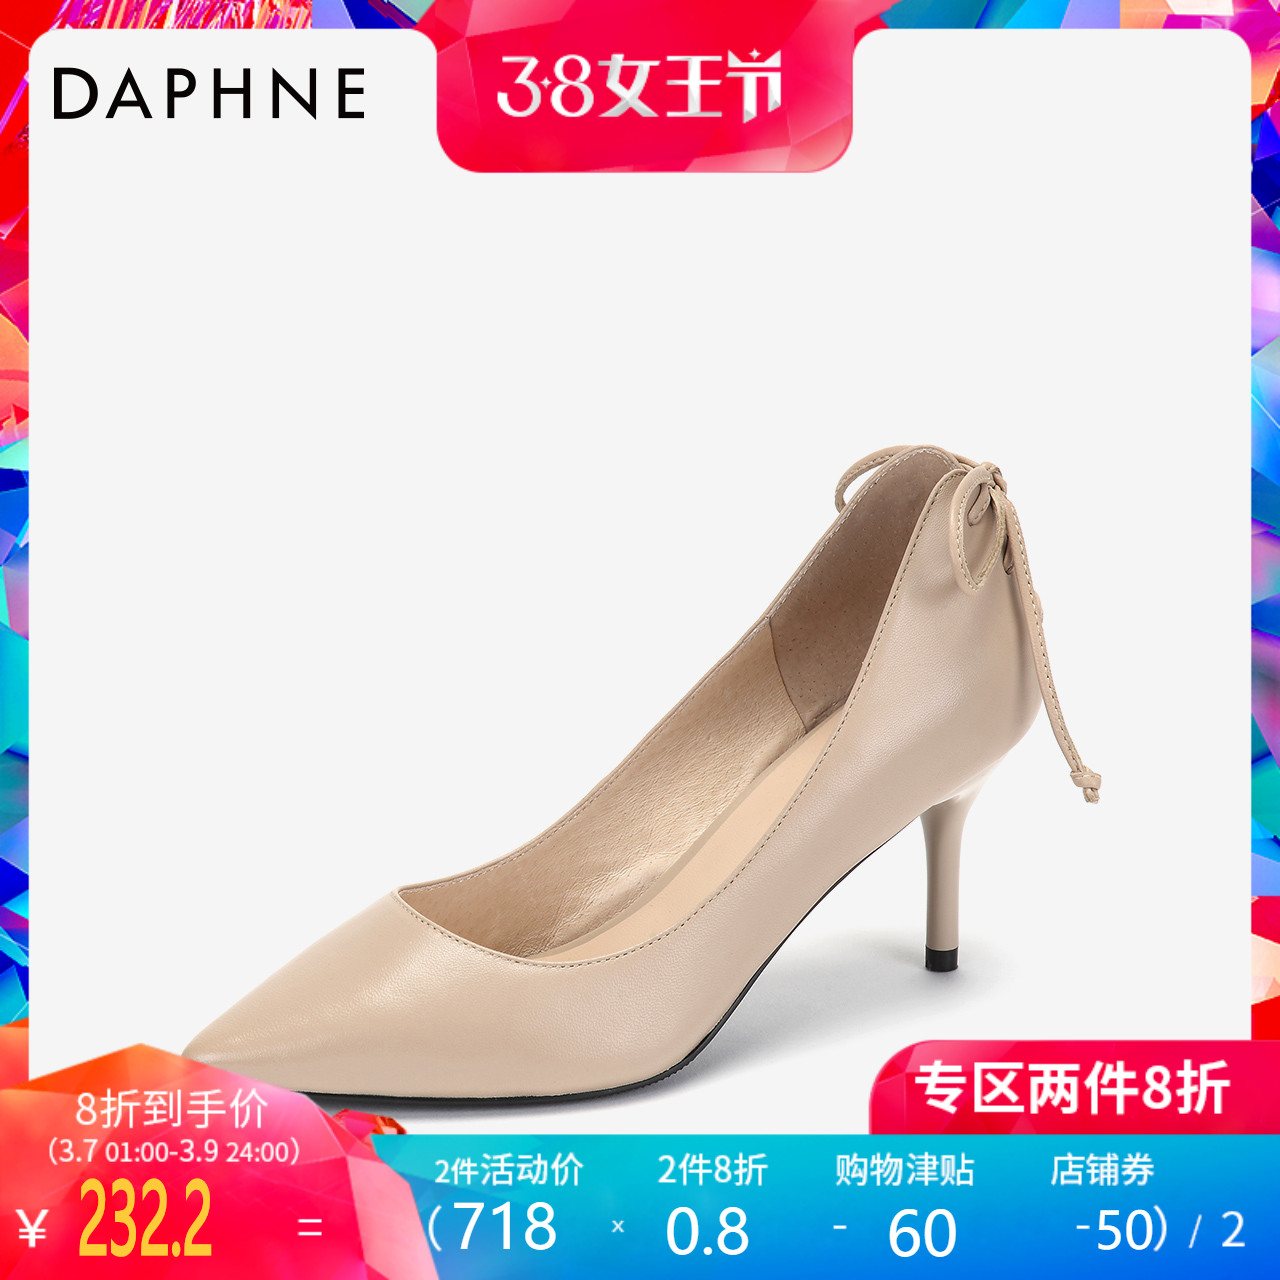 春新款职场气质羊皮绑带酒杯细高跟鞋单鞋女 2019 达芙妮 Daphne